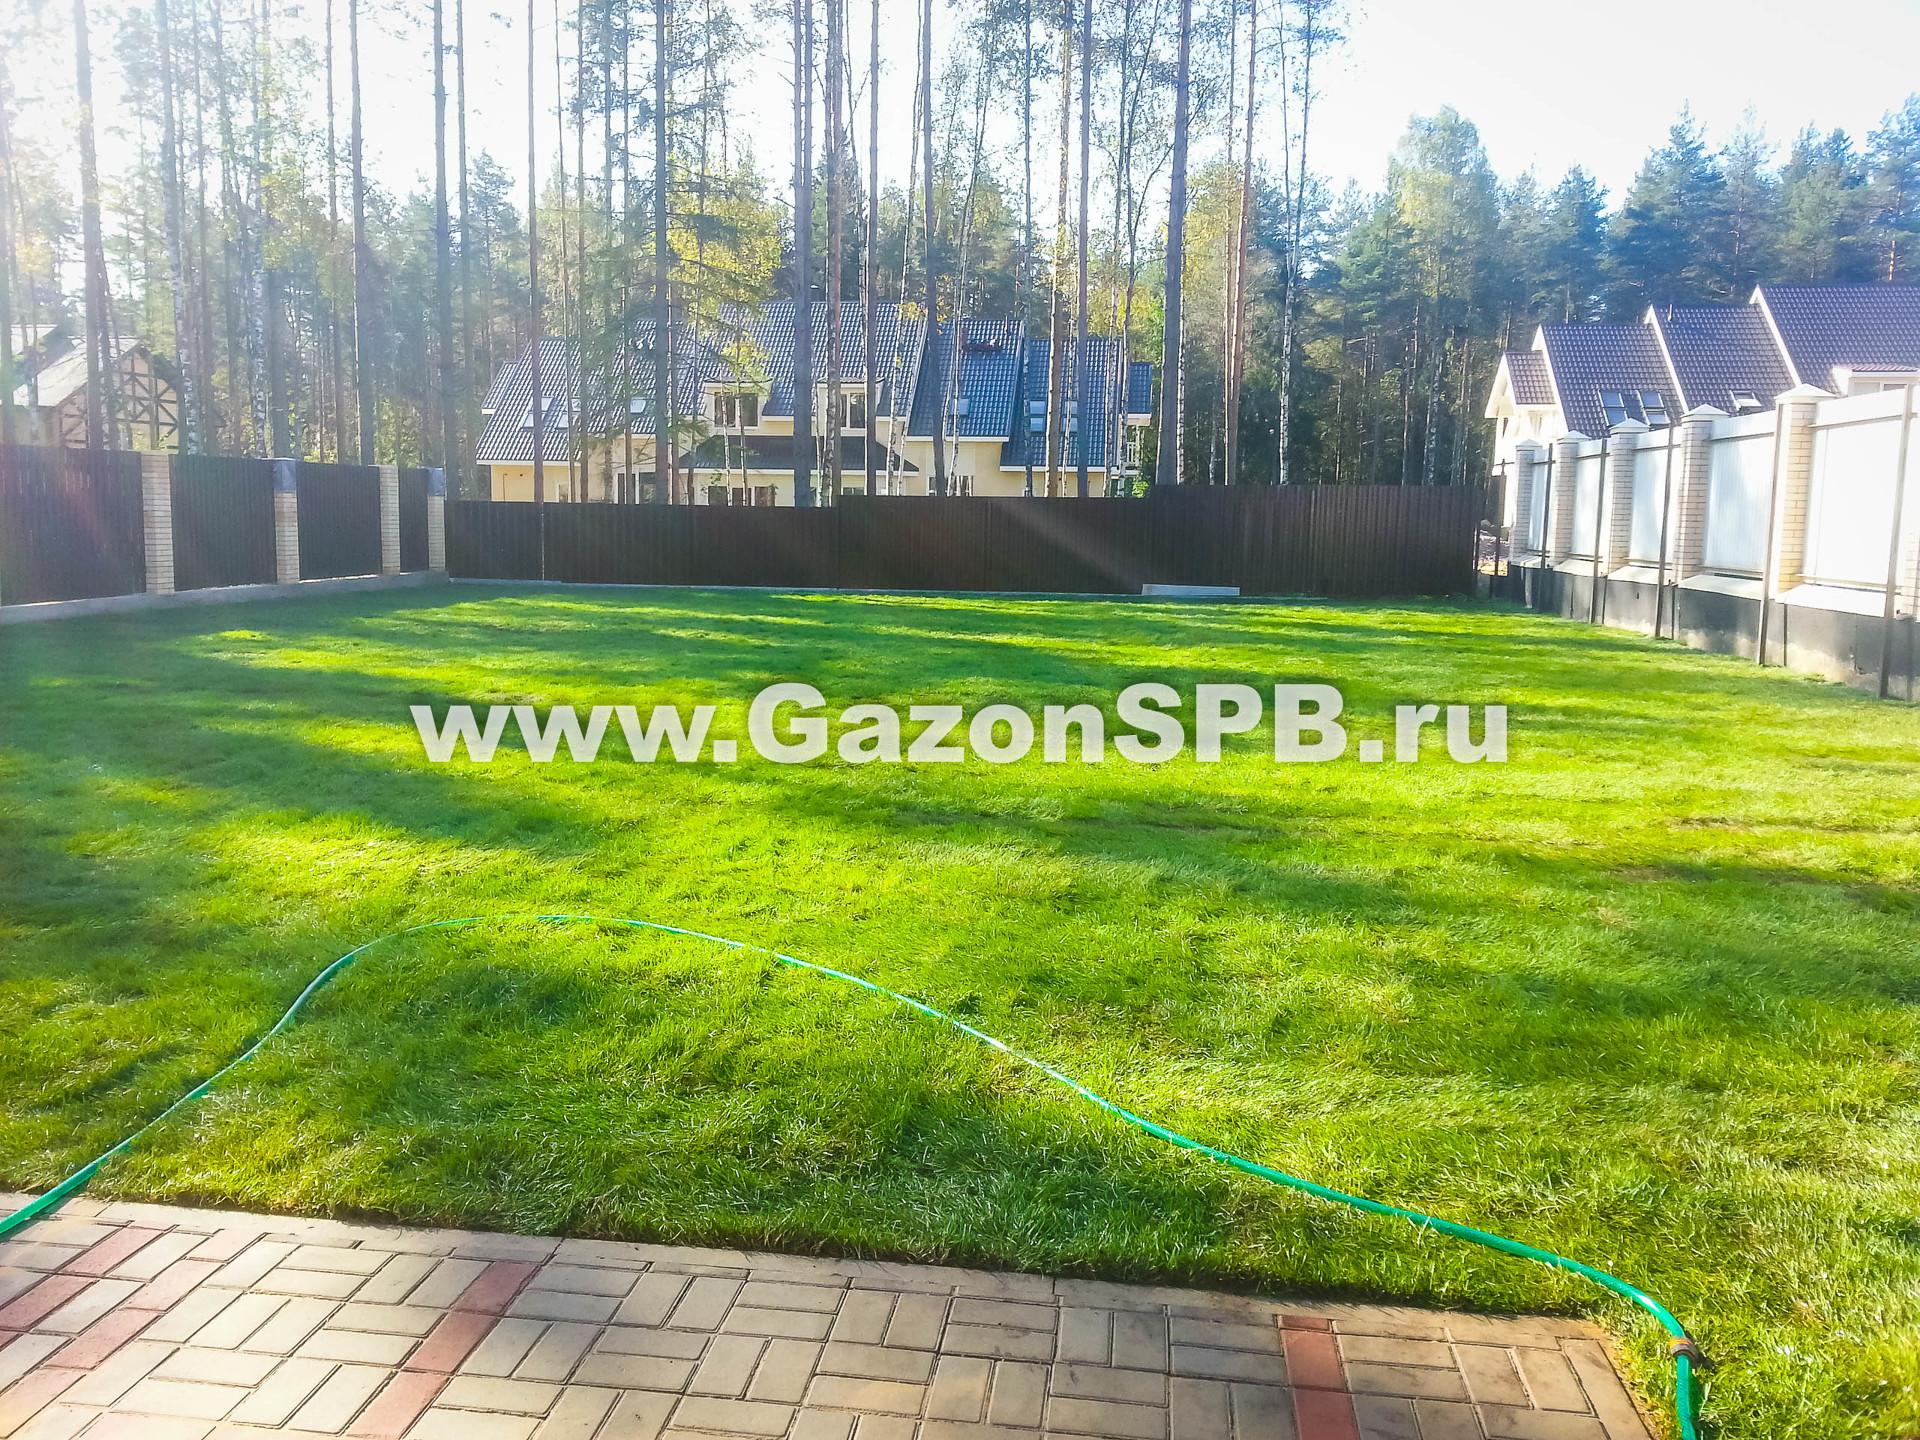 Укладка рулонного газона в г. Всеволожск